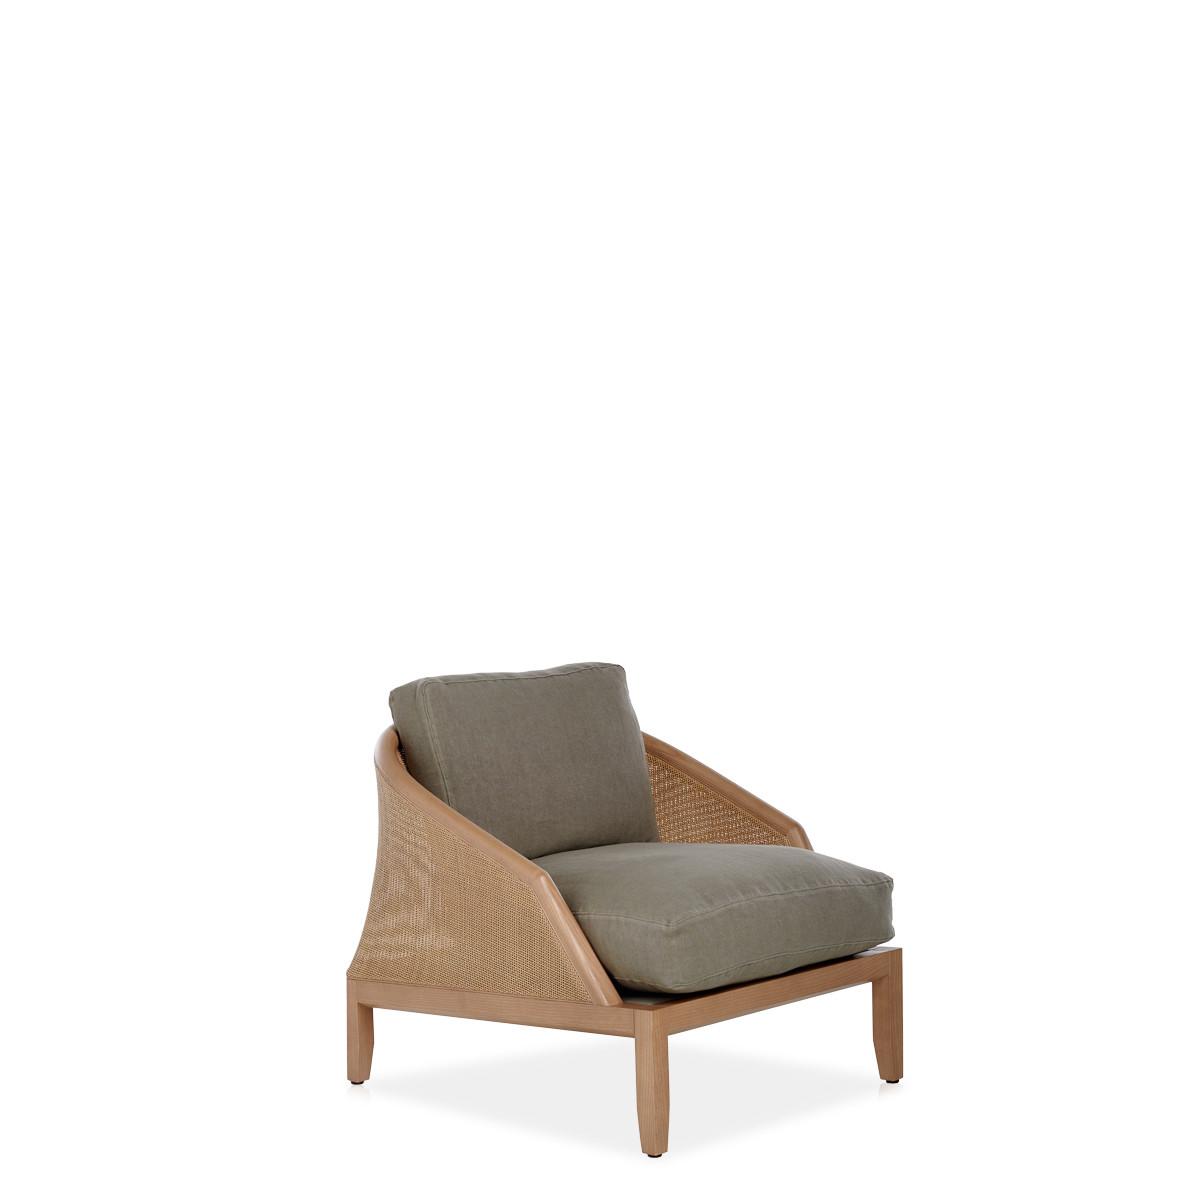 Entdecken Sie bei Conzept Beckord besondere Designmöbel! Hier finden Sie Potocco Sofas und Sessel: Grace